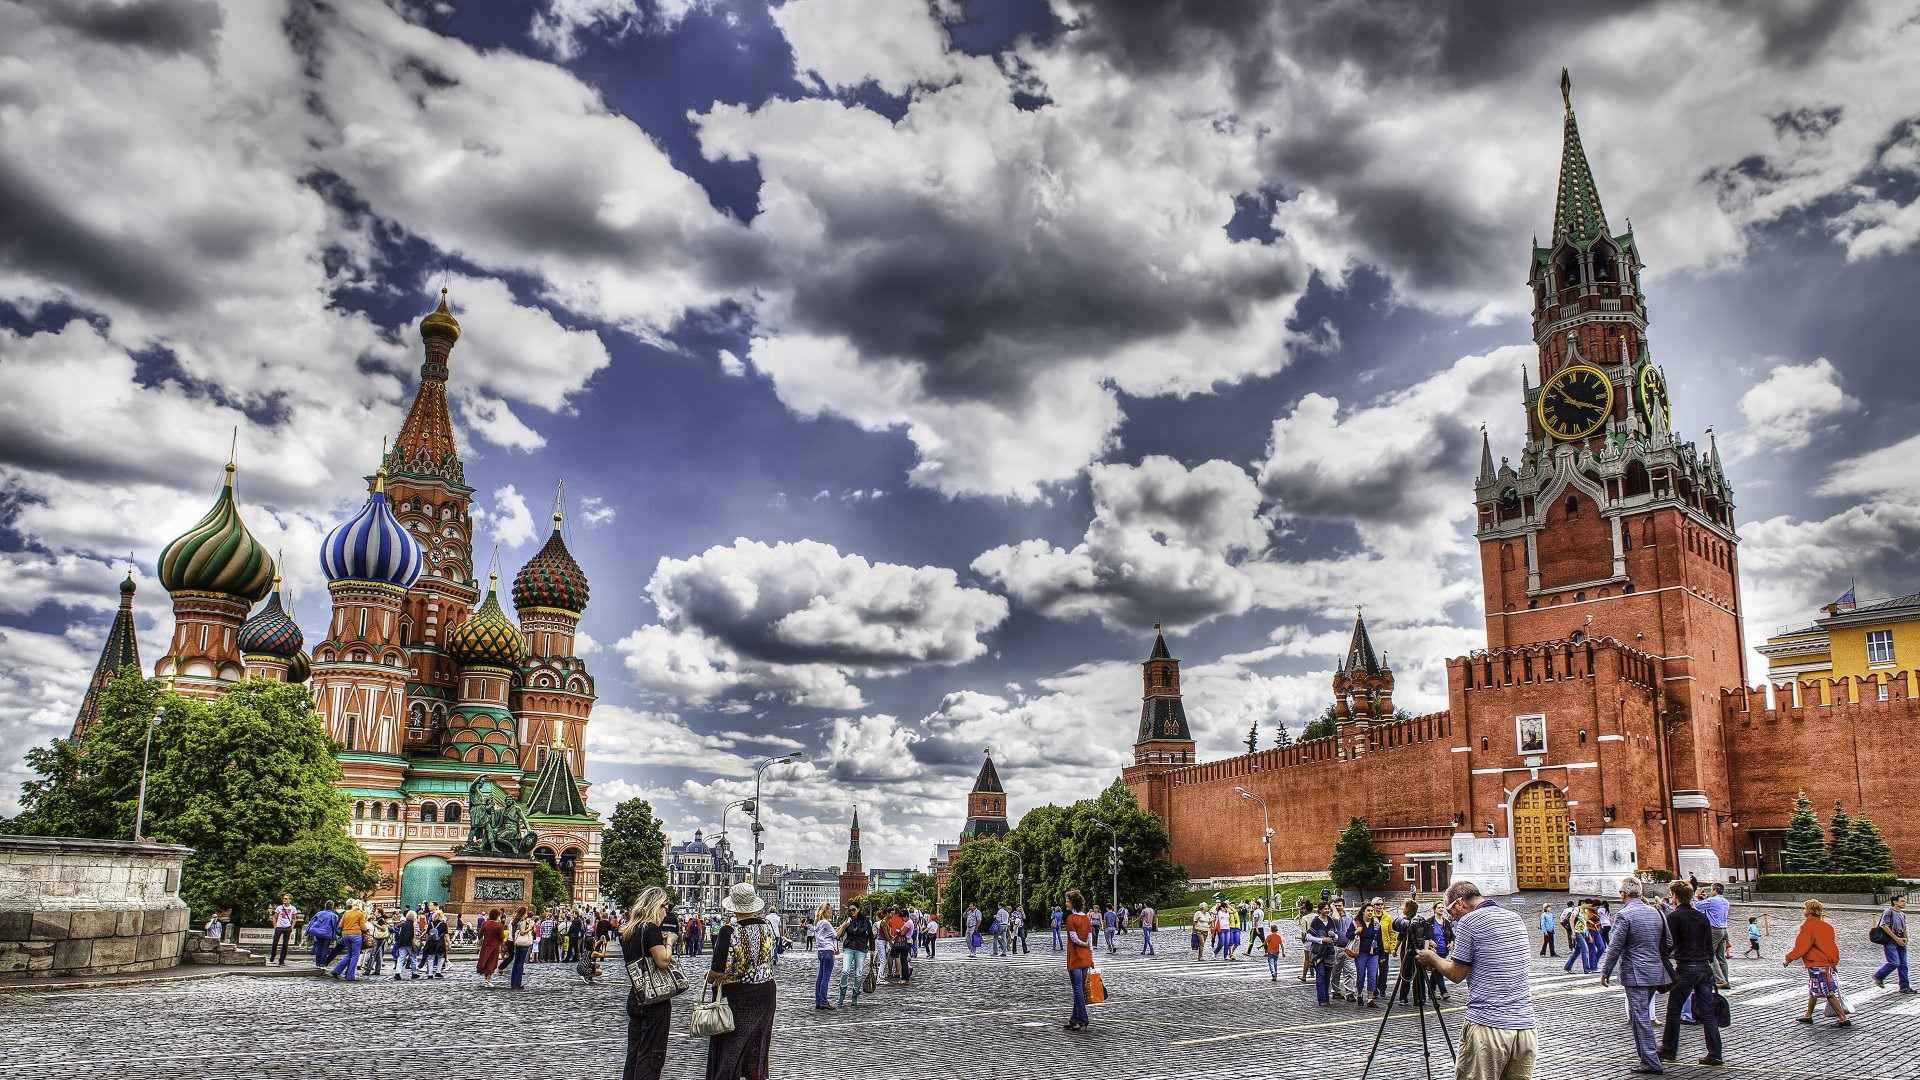 دیدنی های میدان سرخ مسکو